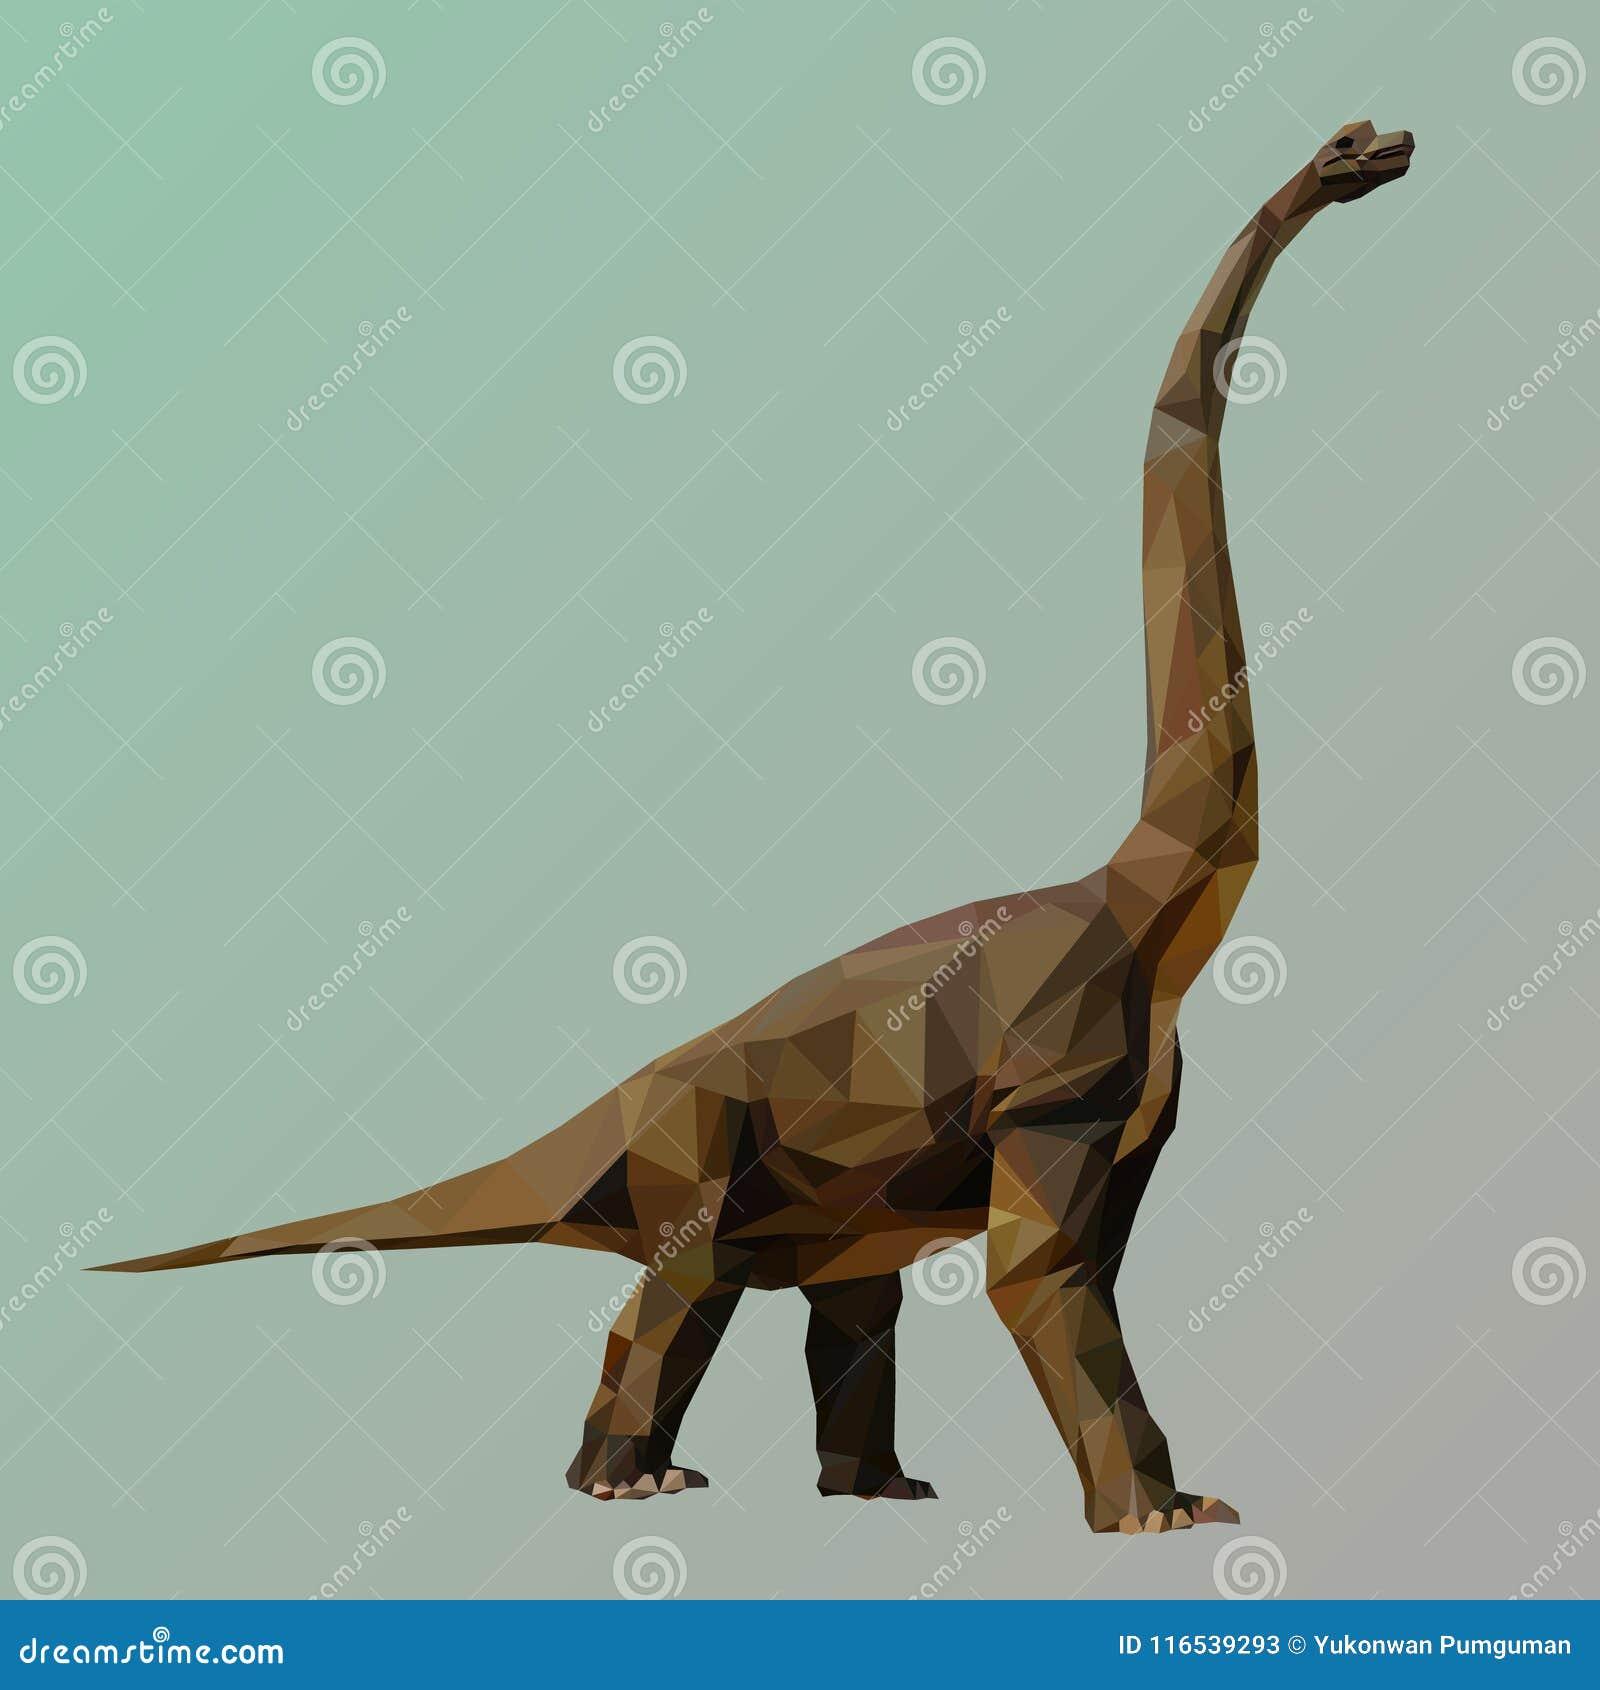 Dinosaurio Poligonal Animal Geometrico Del Triangulo Del Poligono Vector Ilustracion Del Vector Ilustracion De Triangulo Dinosaurio 116539293 Encuentre los dinosaurios animatrónicos, modelos de dinosaurios jurásicos y dinosaurios caminando en mydinosaurs.com. dinosaurio poligonal animal geometrico